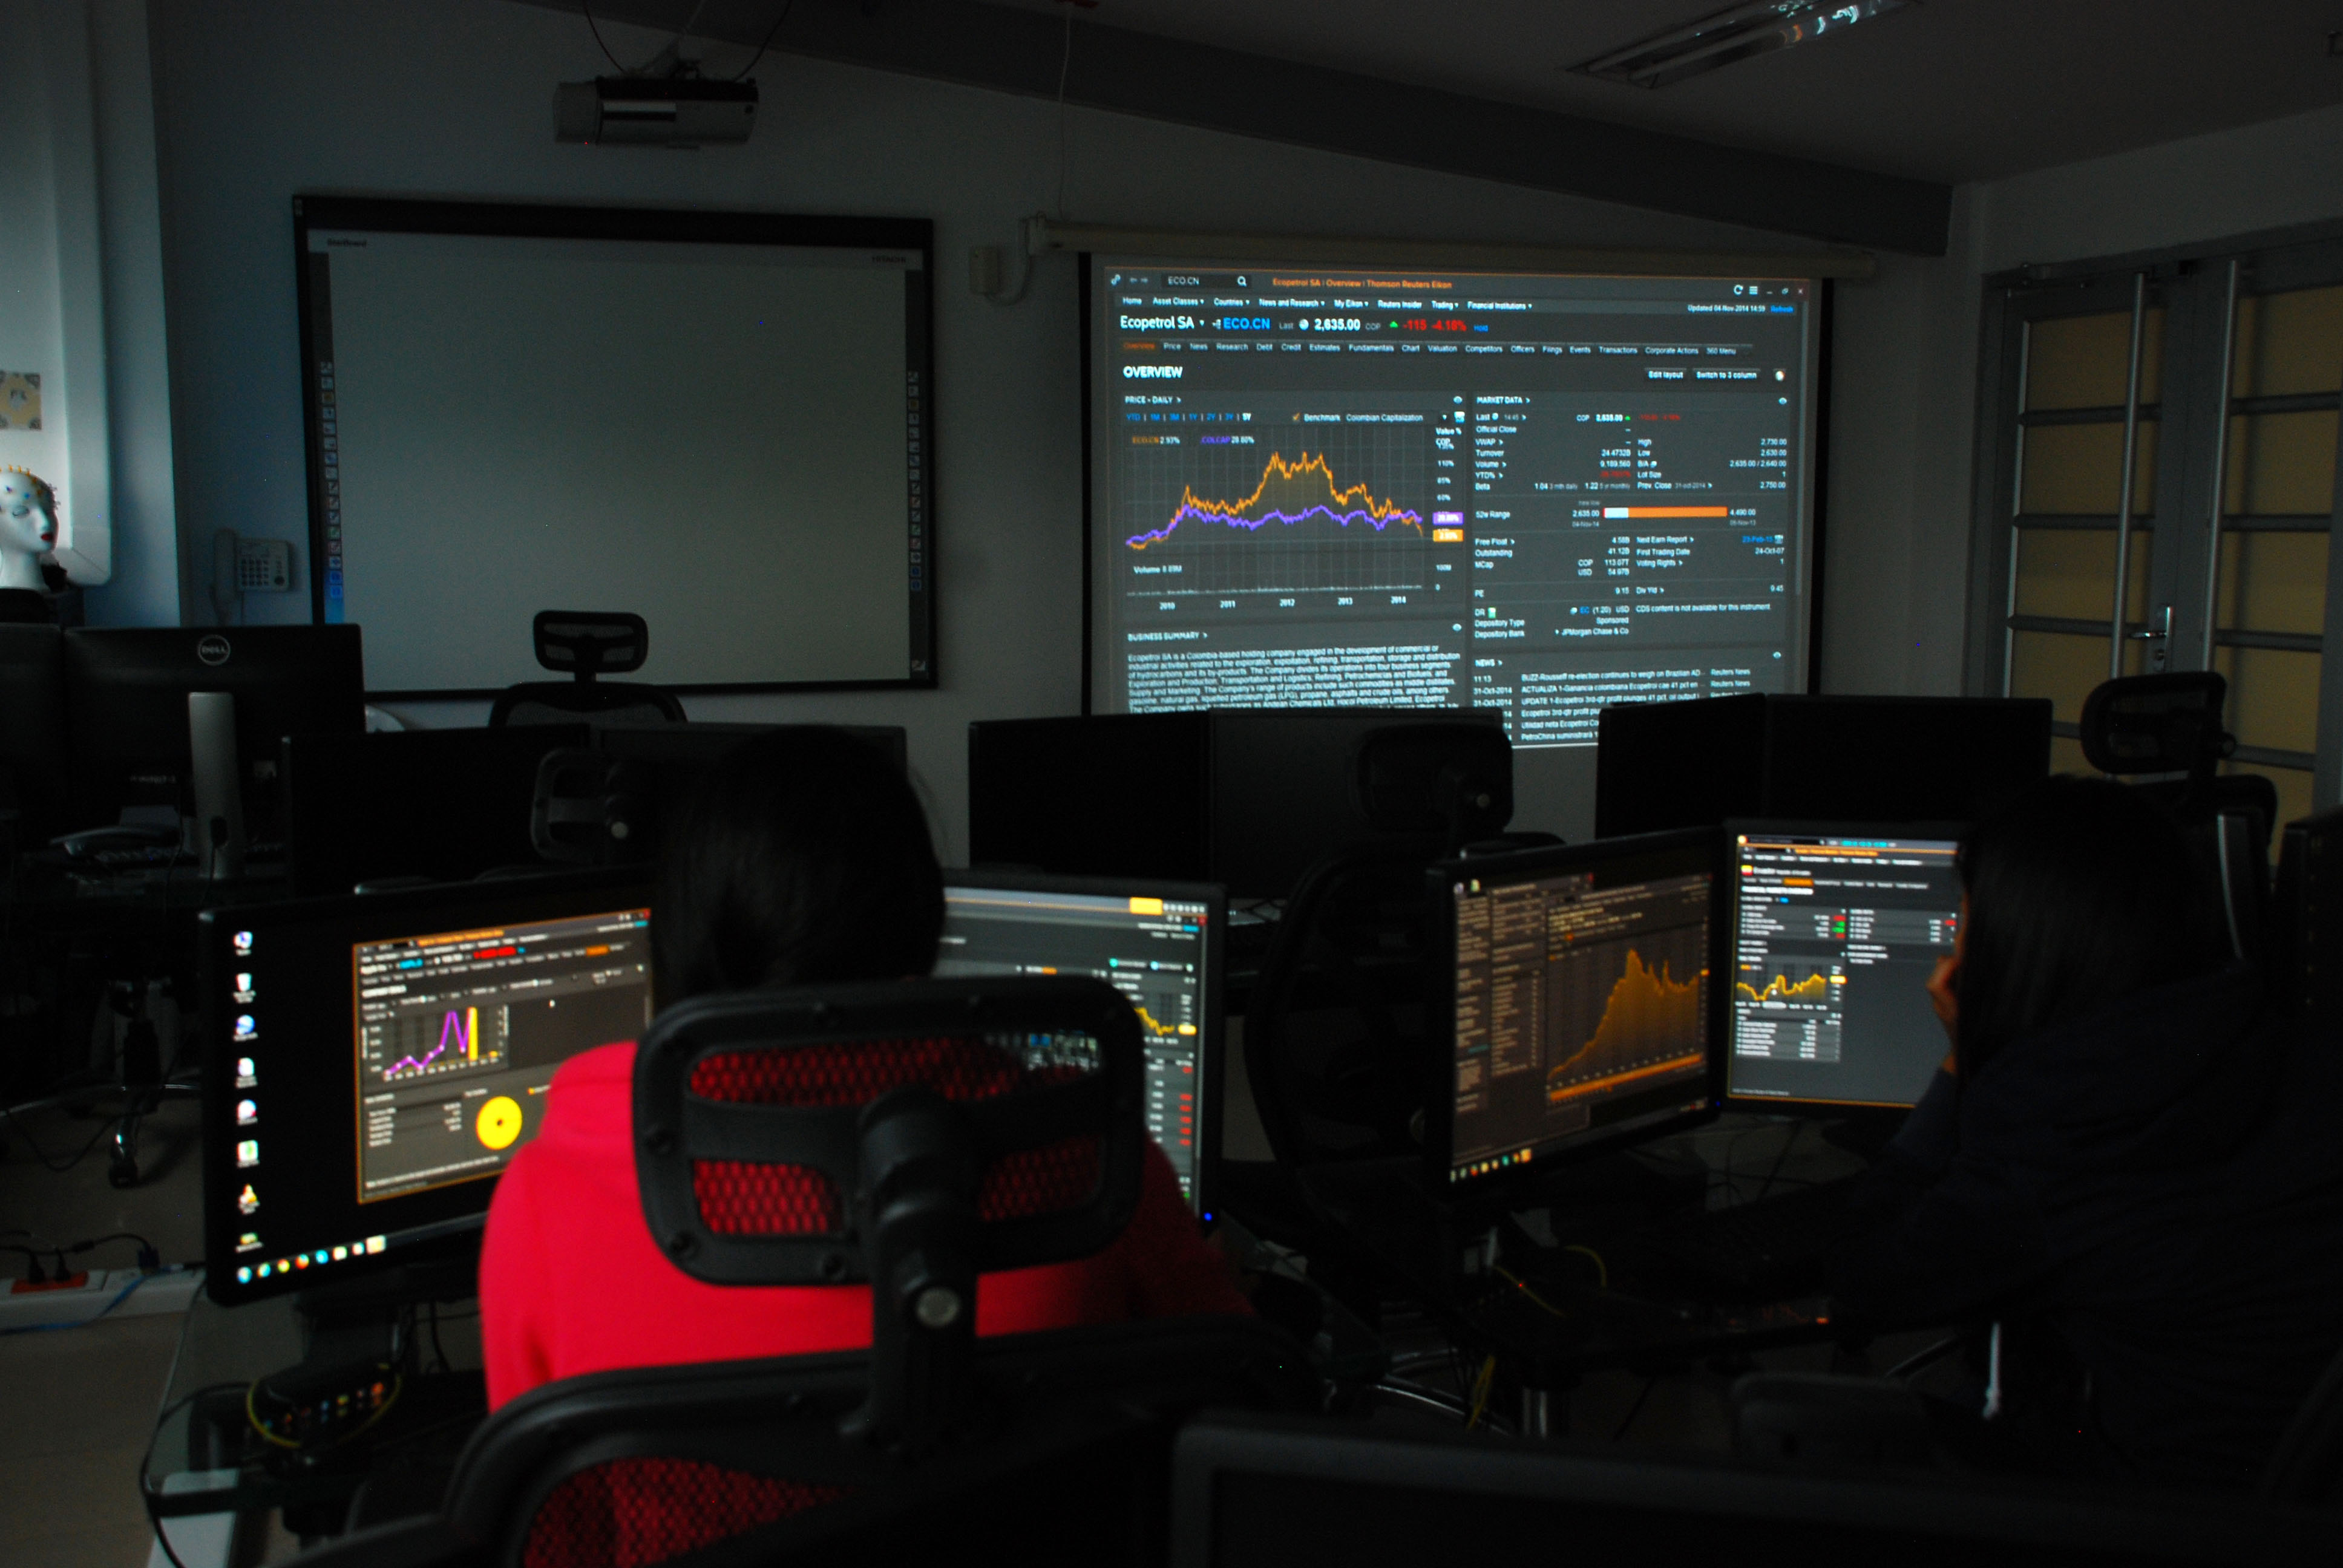 Resultado de imagen para Abren laboratorio de simulación bursátil